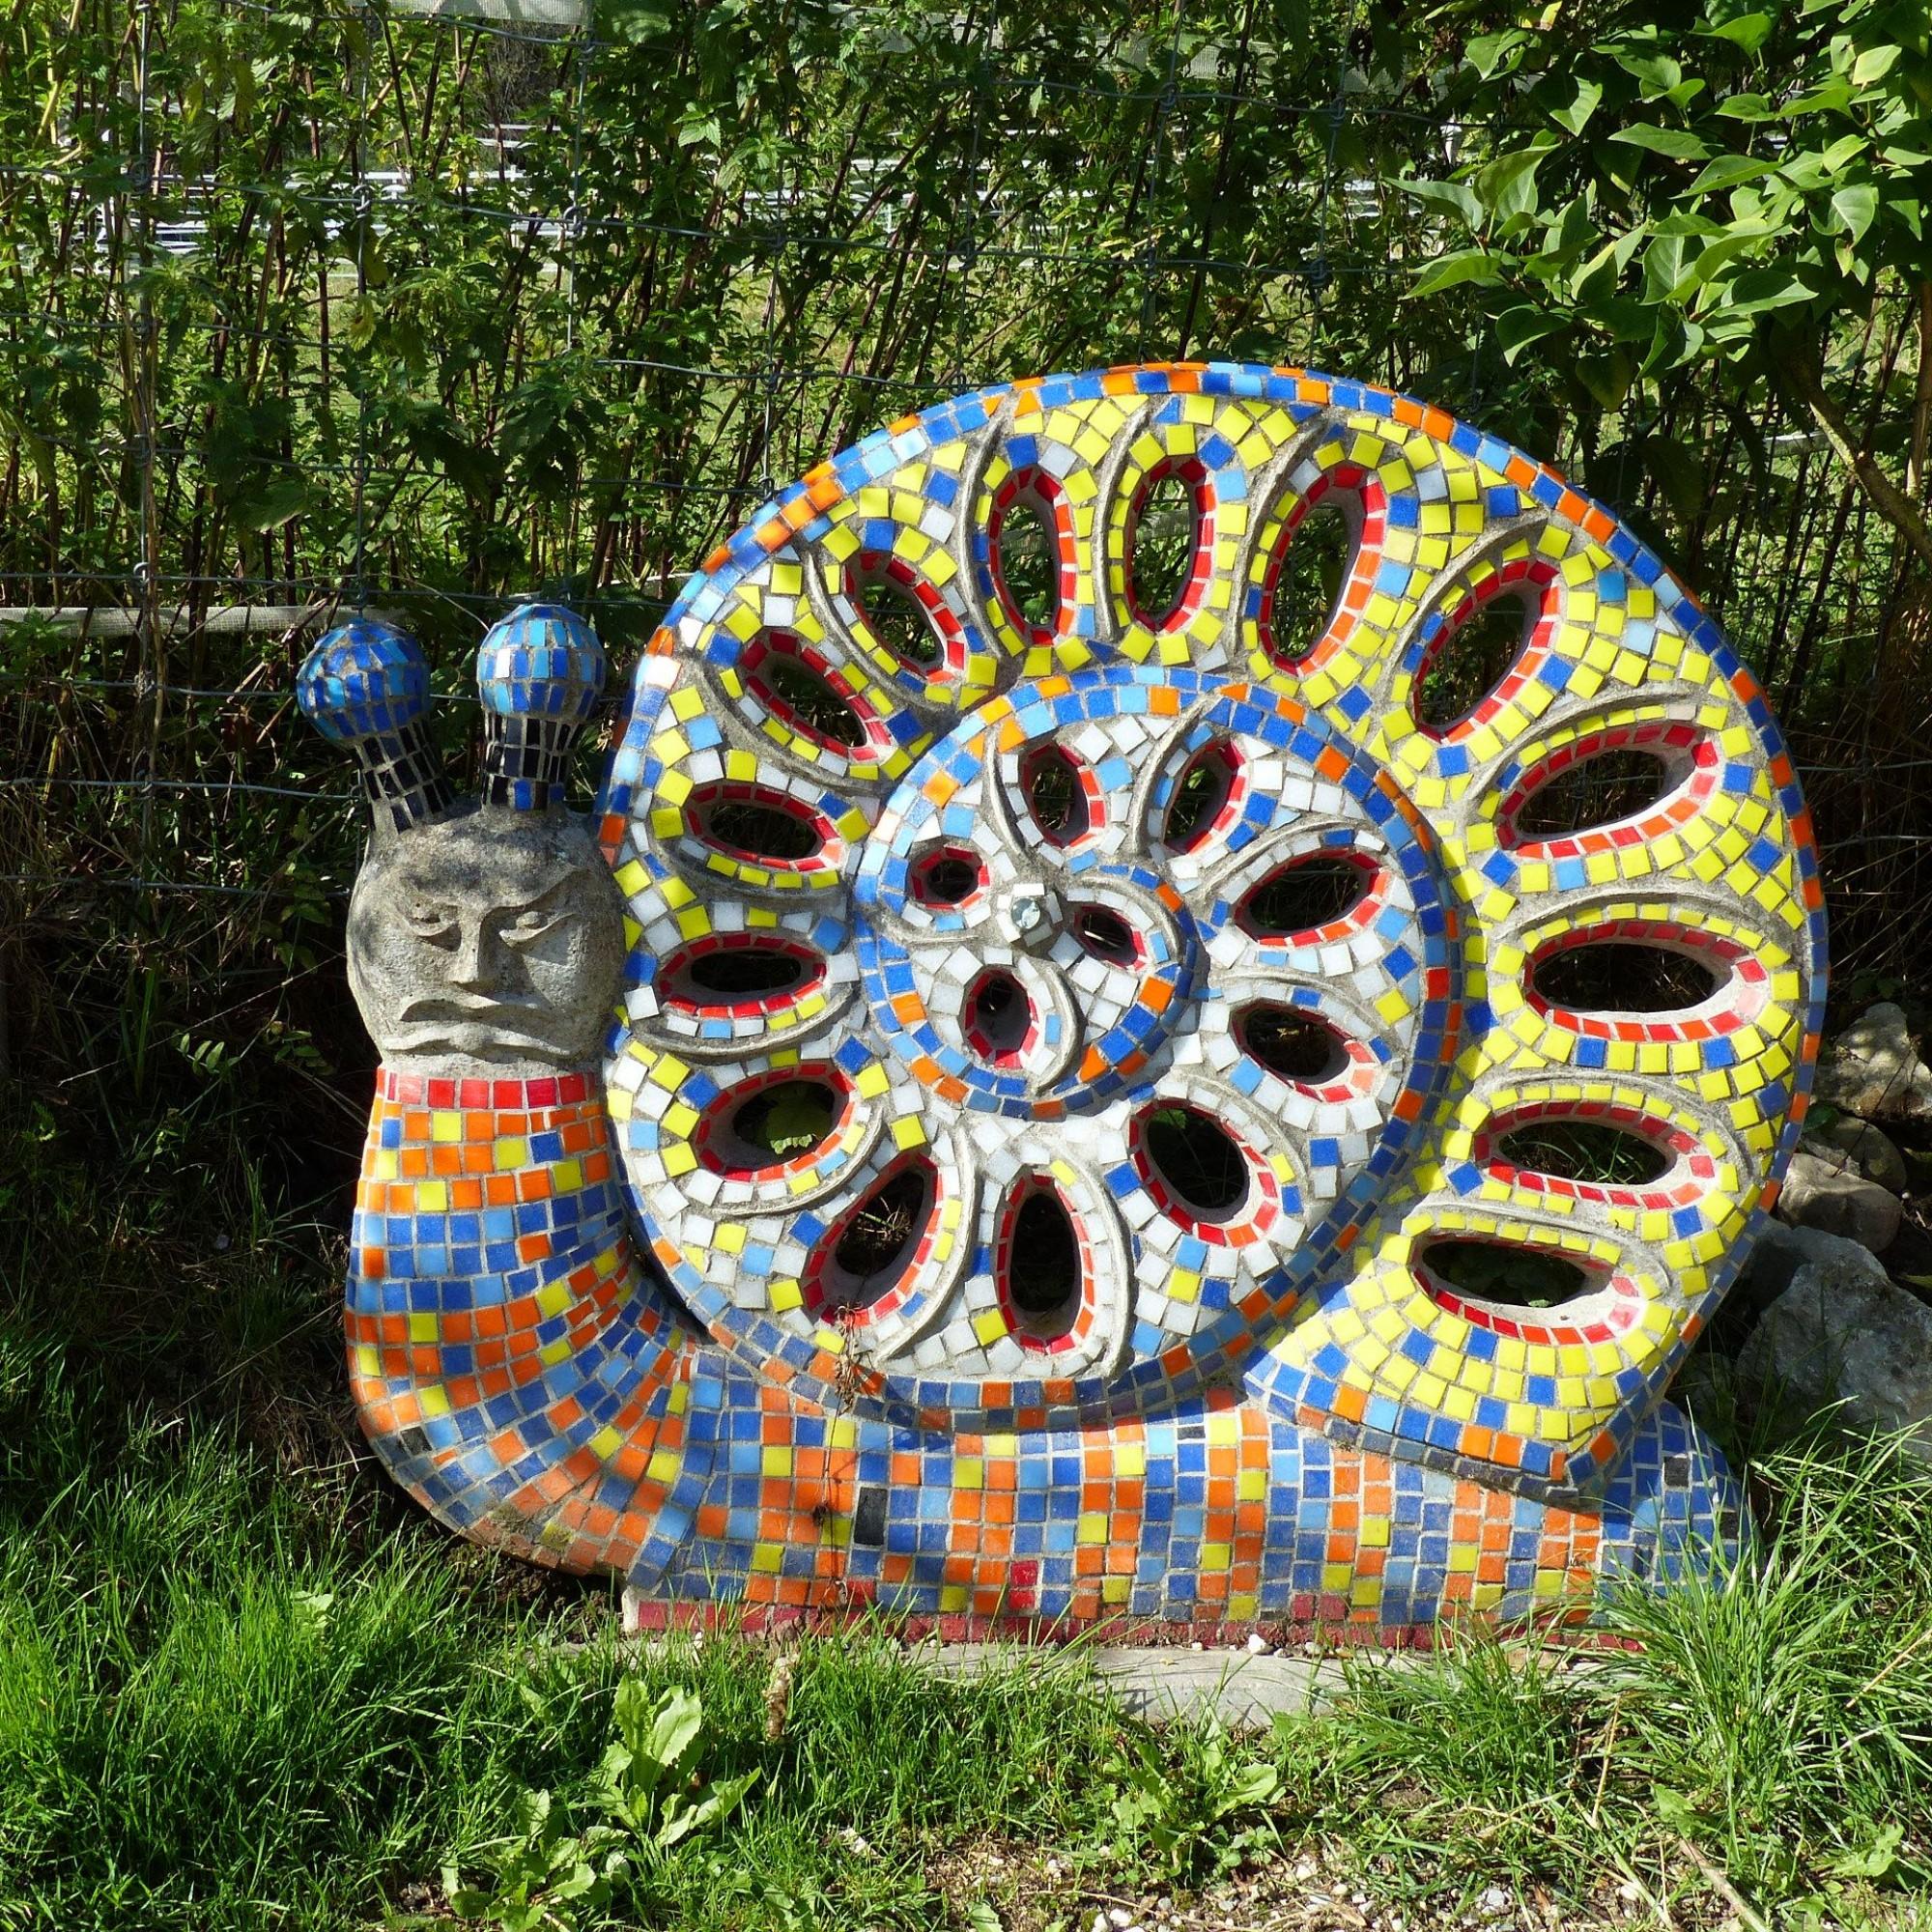 Bunte Schnecken-Skulptur.